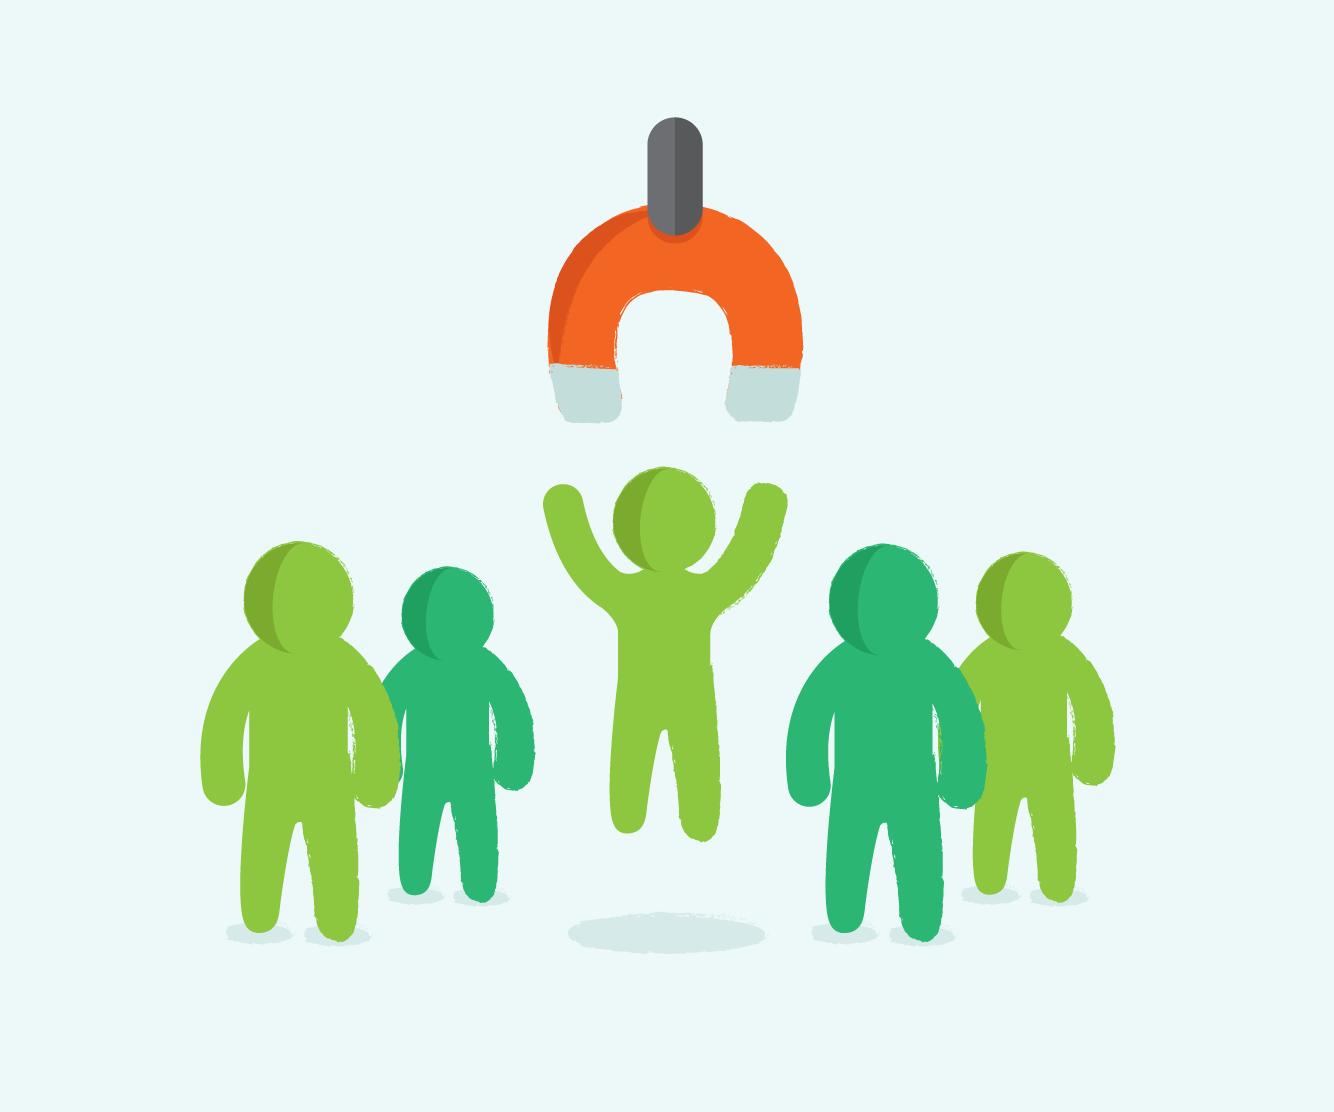 teamfluent-blogpost-illustration-3